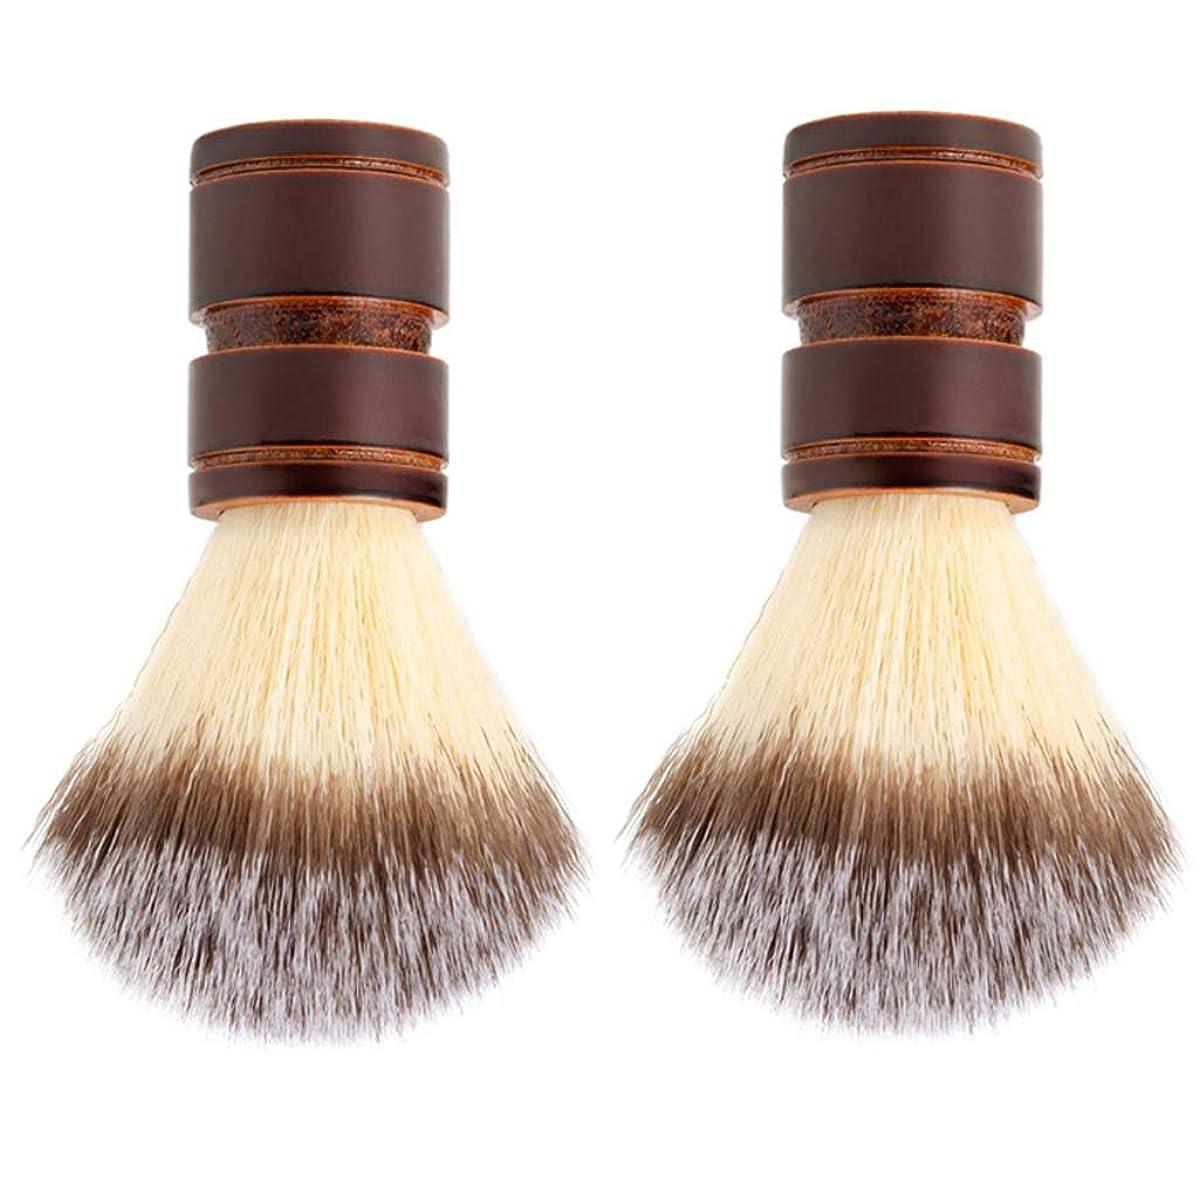 憂鬱な自分自身部門dailymall 木のハンドルが付いている2xナイロン毛の剃るブラシ個人的な専門の剃る